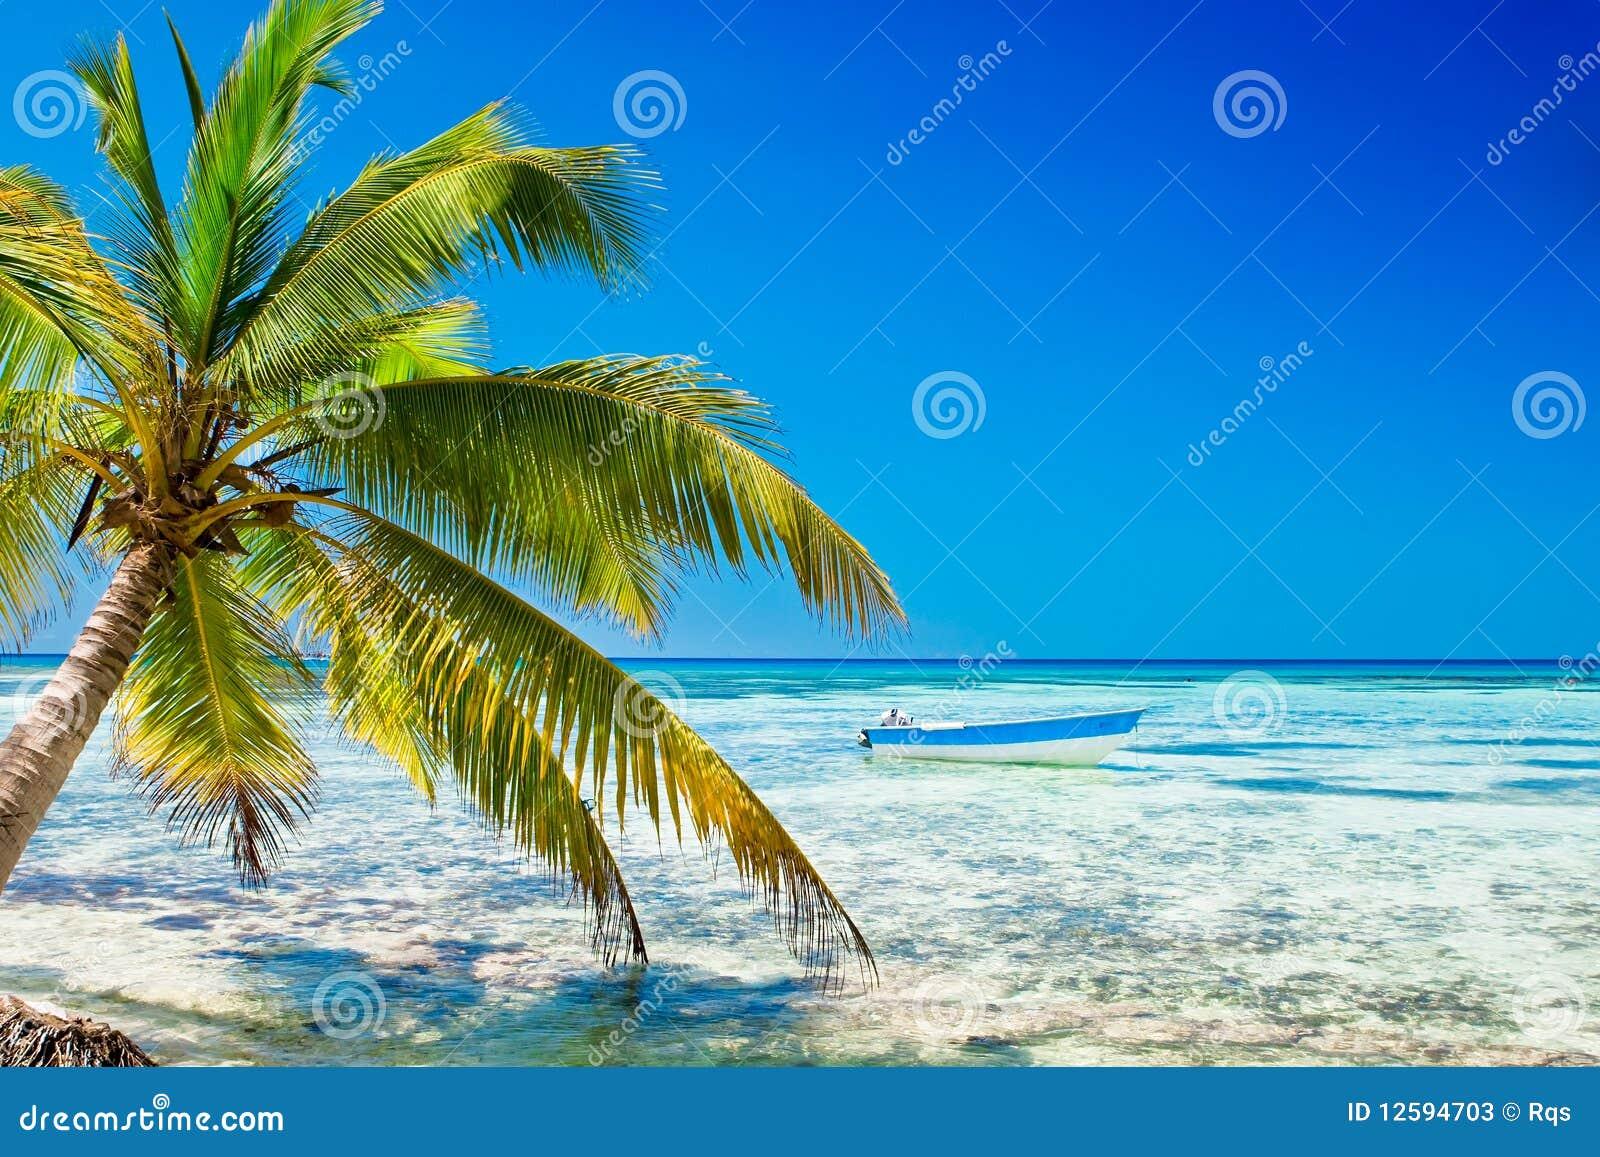 Palma na praia branca da areia perto do oceano ciano